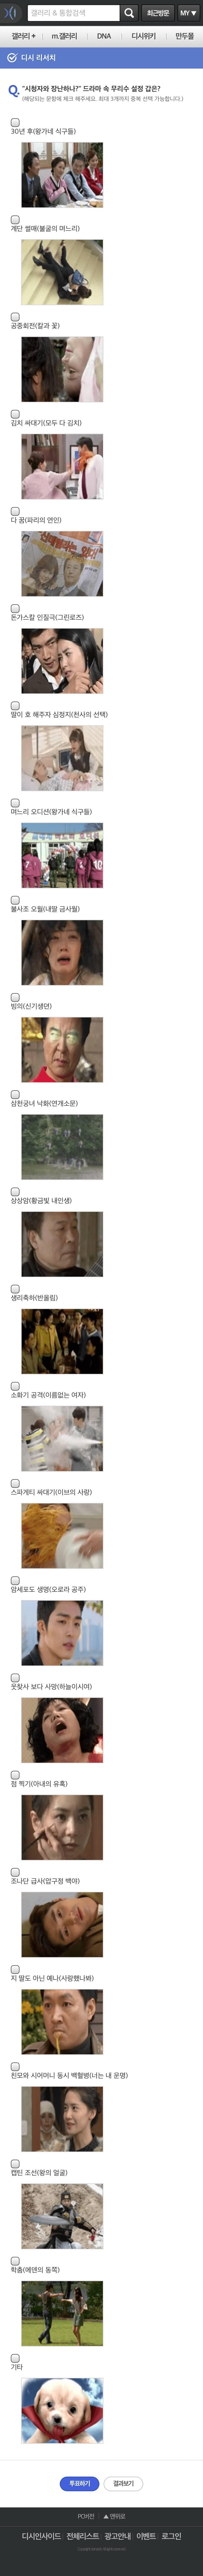 디씨에서 선정한 한국드라마 최고의 막장 장면들 | 인스티즈